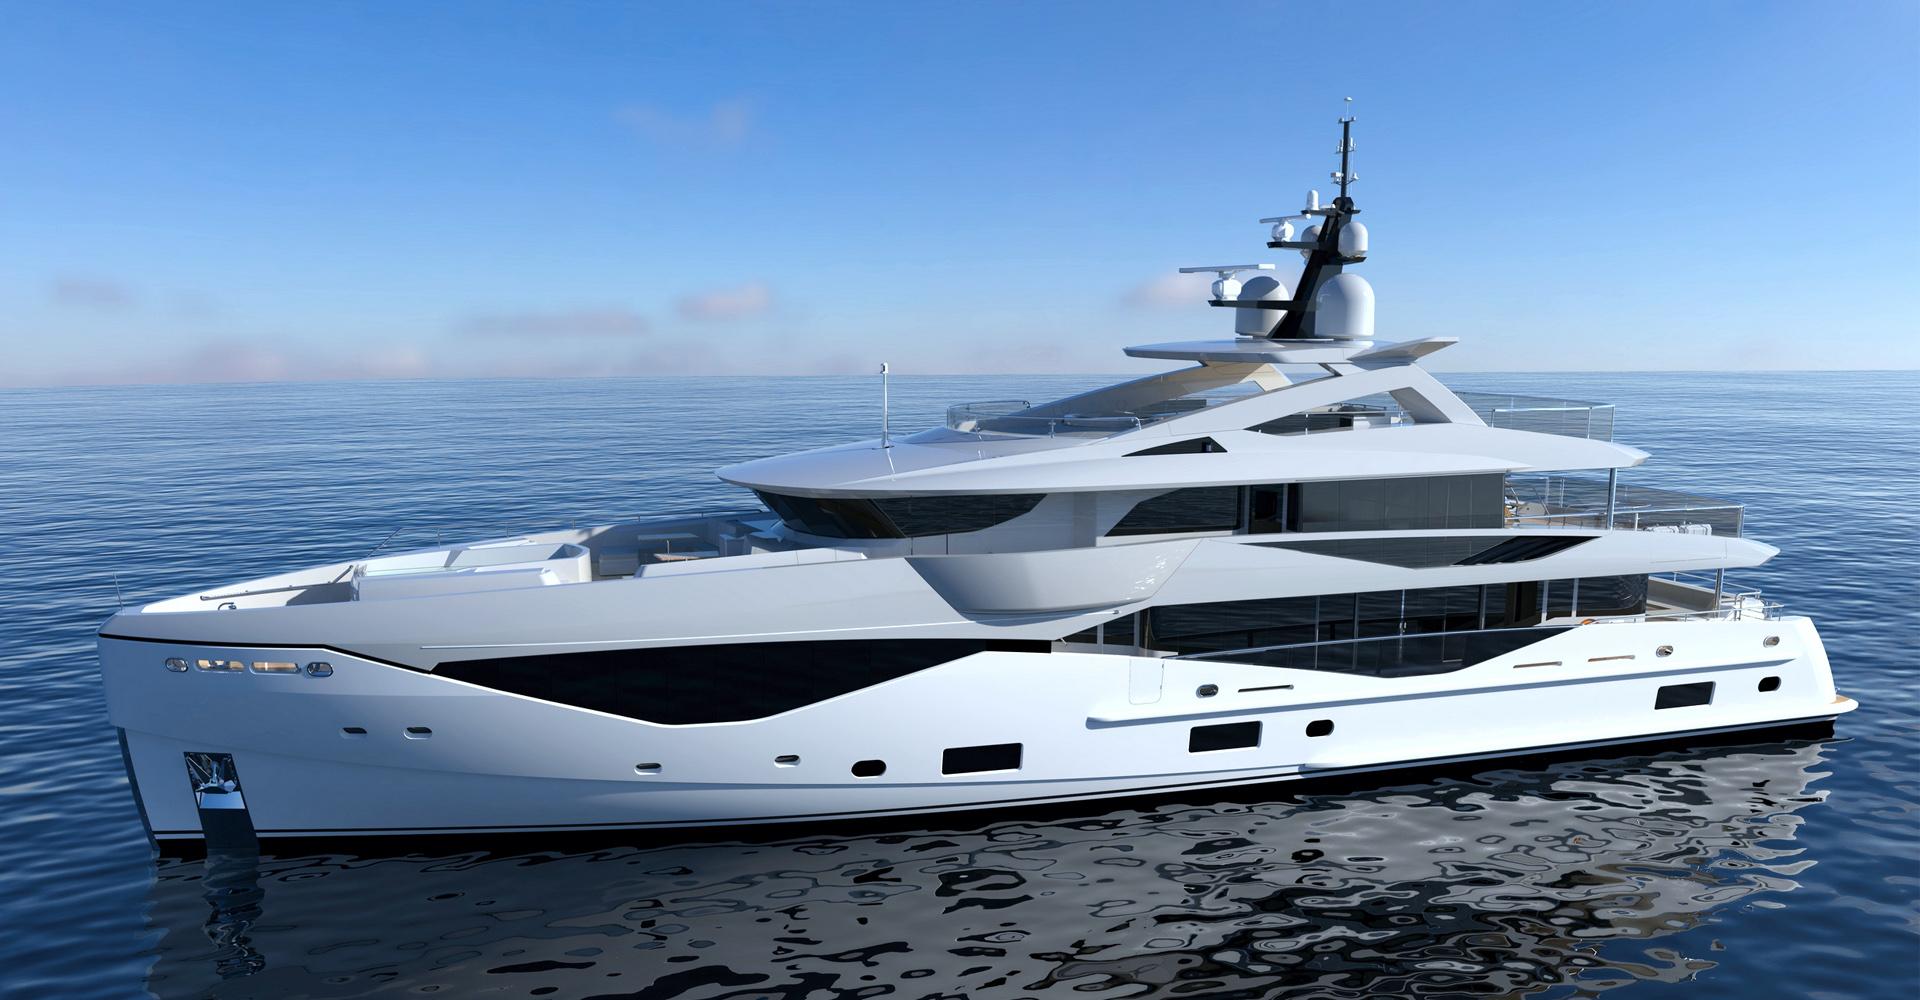 Profile render of the Sunseeker Oceanclub 42